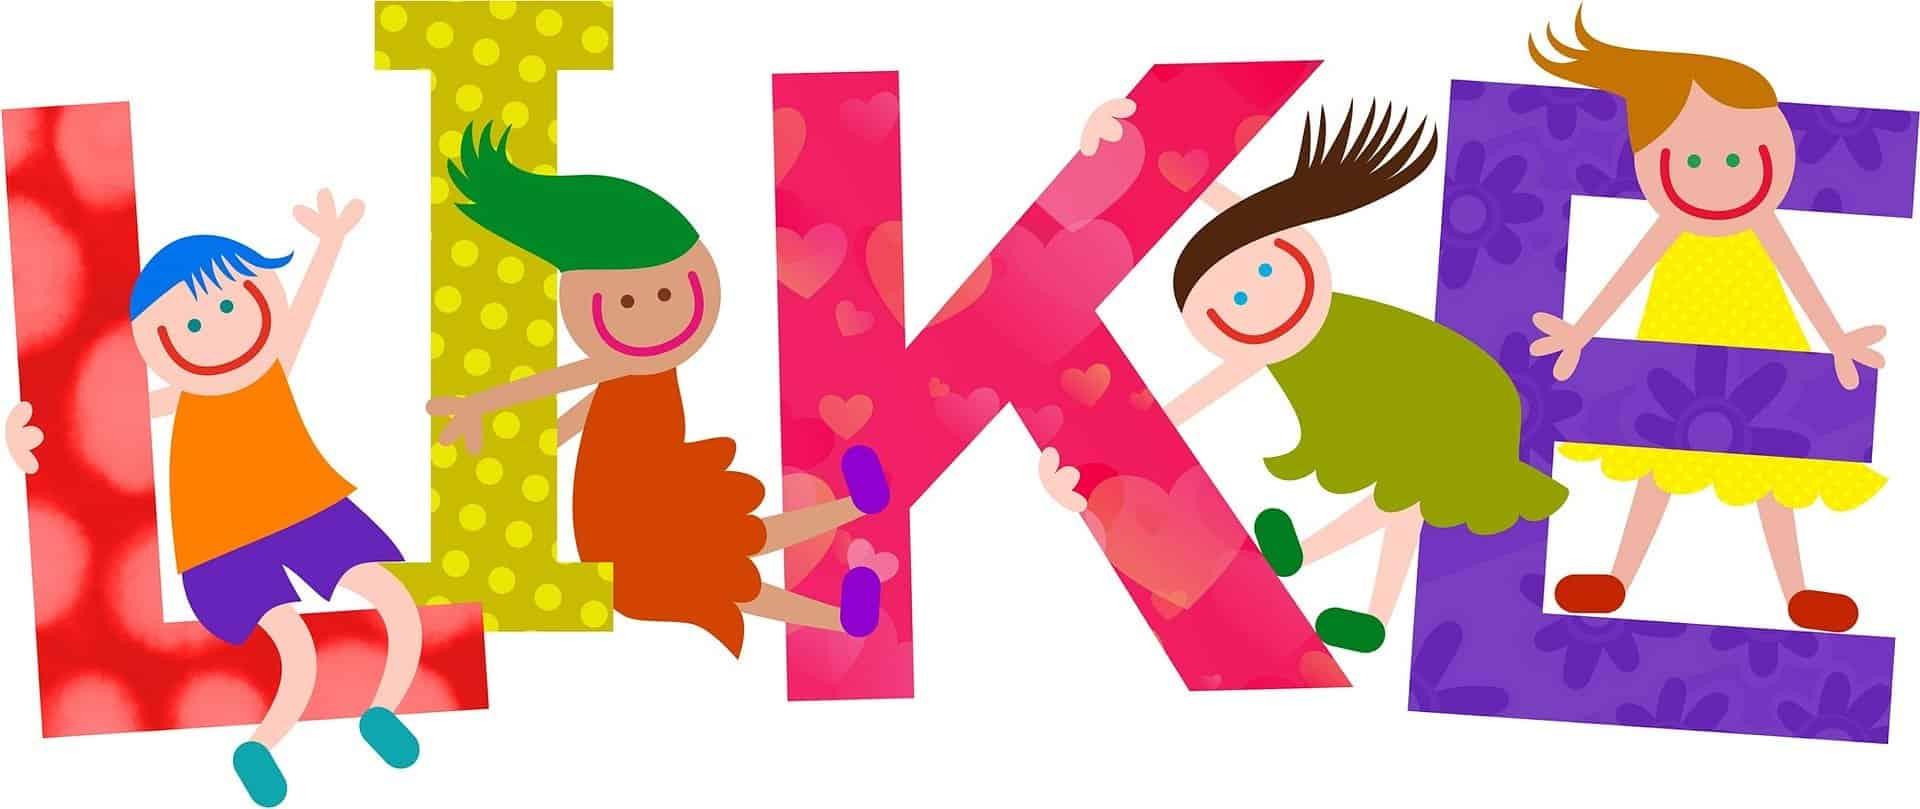 www.mydailyspanish.com Like